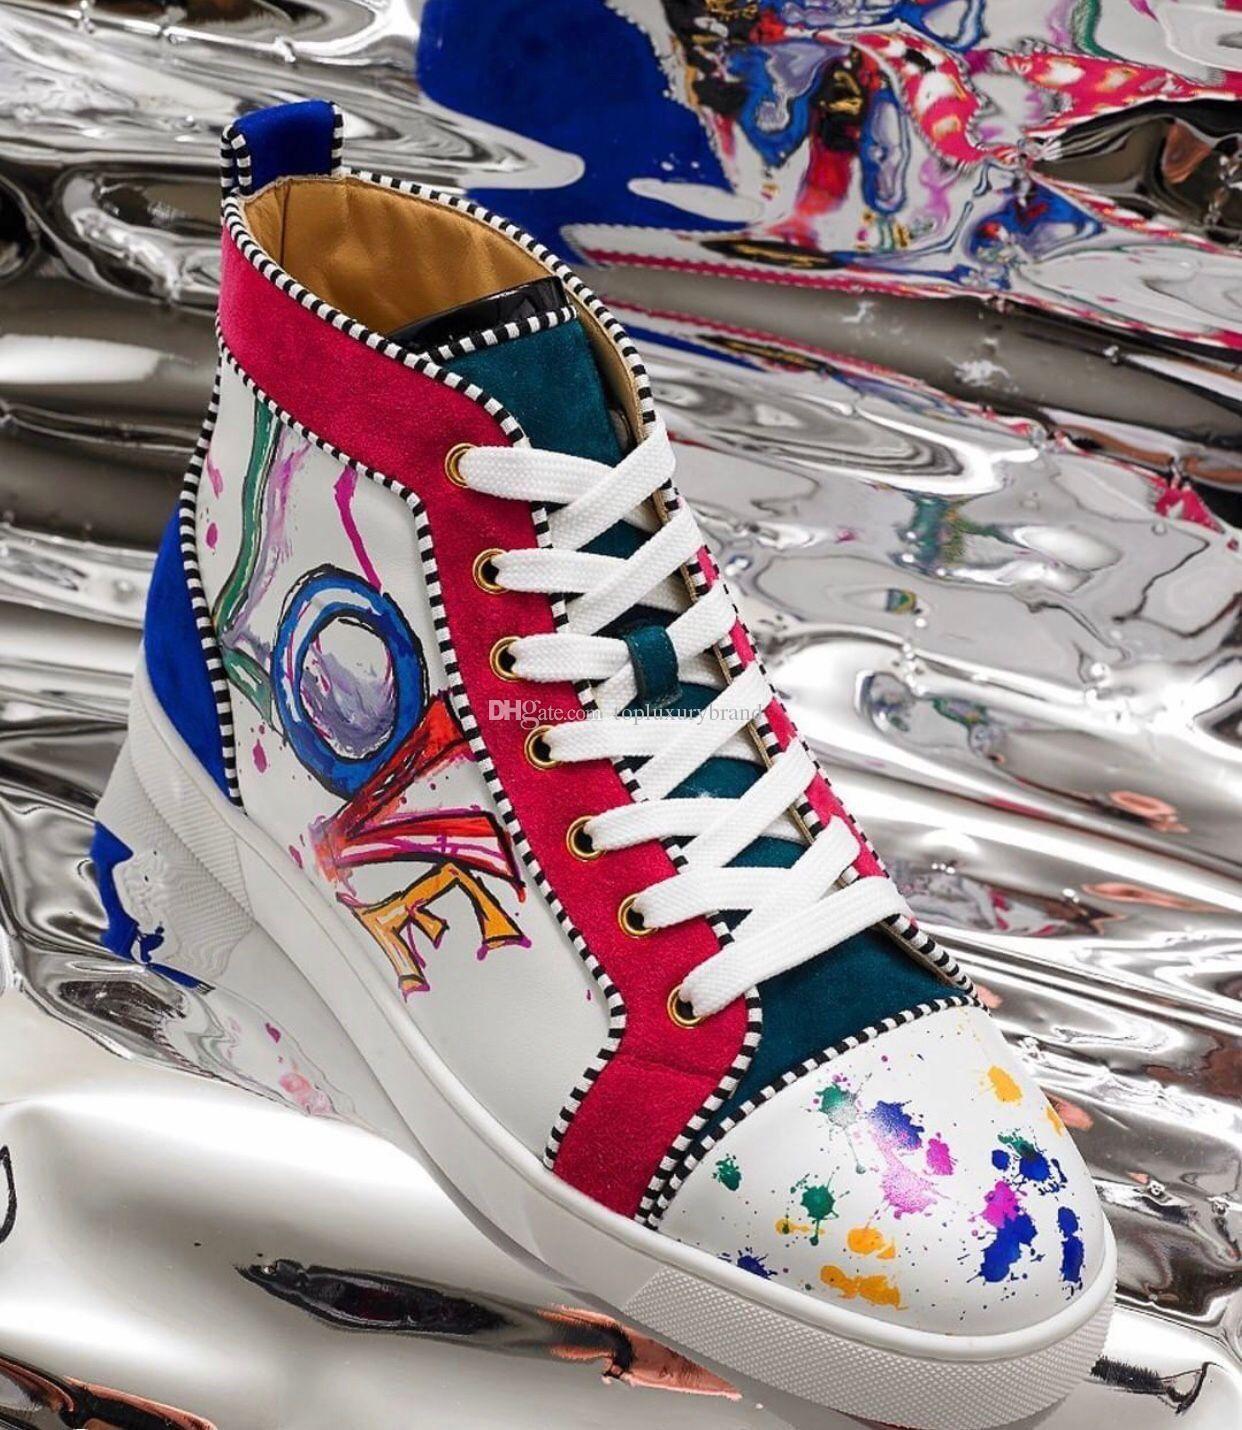 """إيطاليا جلدية حقيقية شقة أحذية رياضية الأحمر الرجال أسفل أحذية مع الأبيض والأسود، الكتابة على الجدران """"الحب"""" طباعة حذاء رياضة أحذية جلدية عادية المدرب فاخر"""